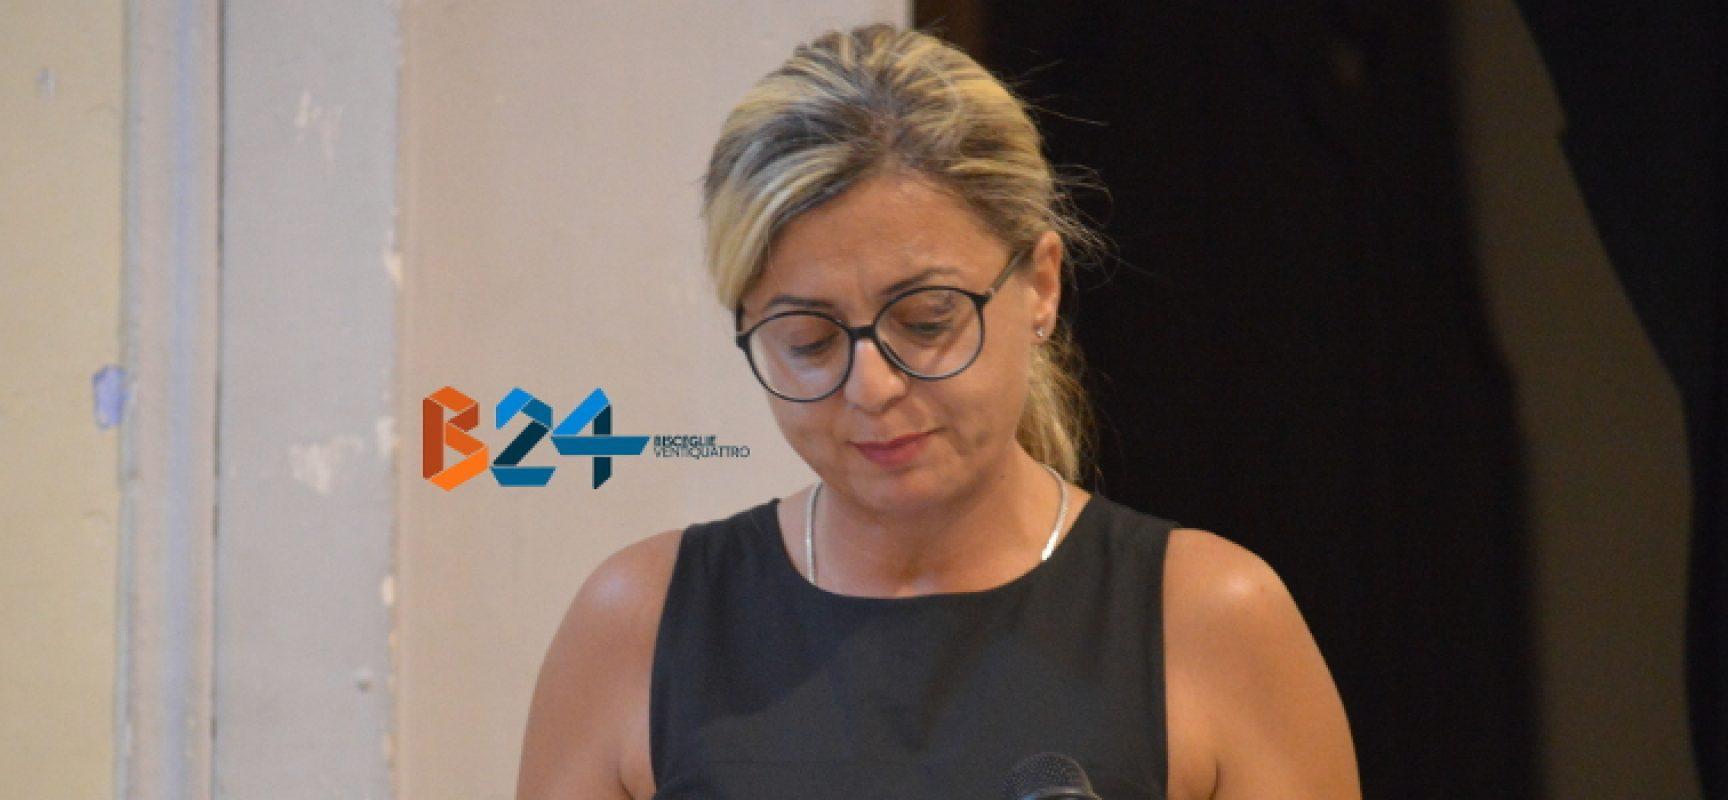 """Giorgia Preziosa: """"Al fianco di Gianni Casella per amministrare la città nel modo giusto"""""""